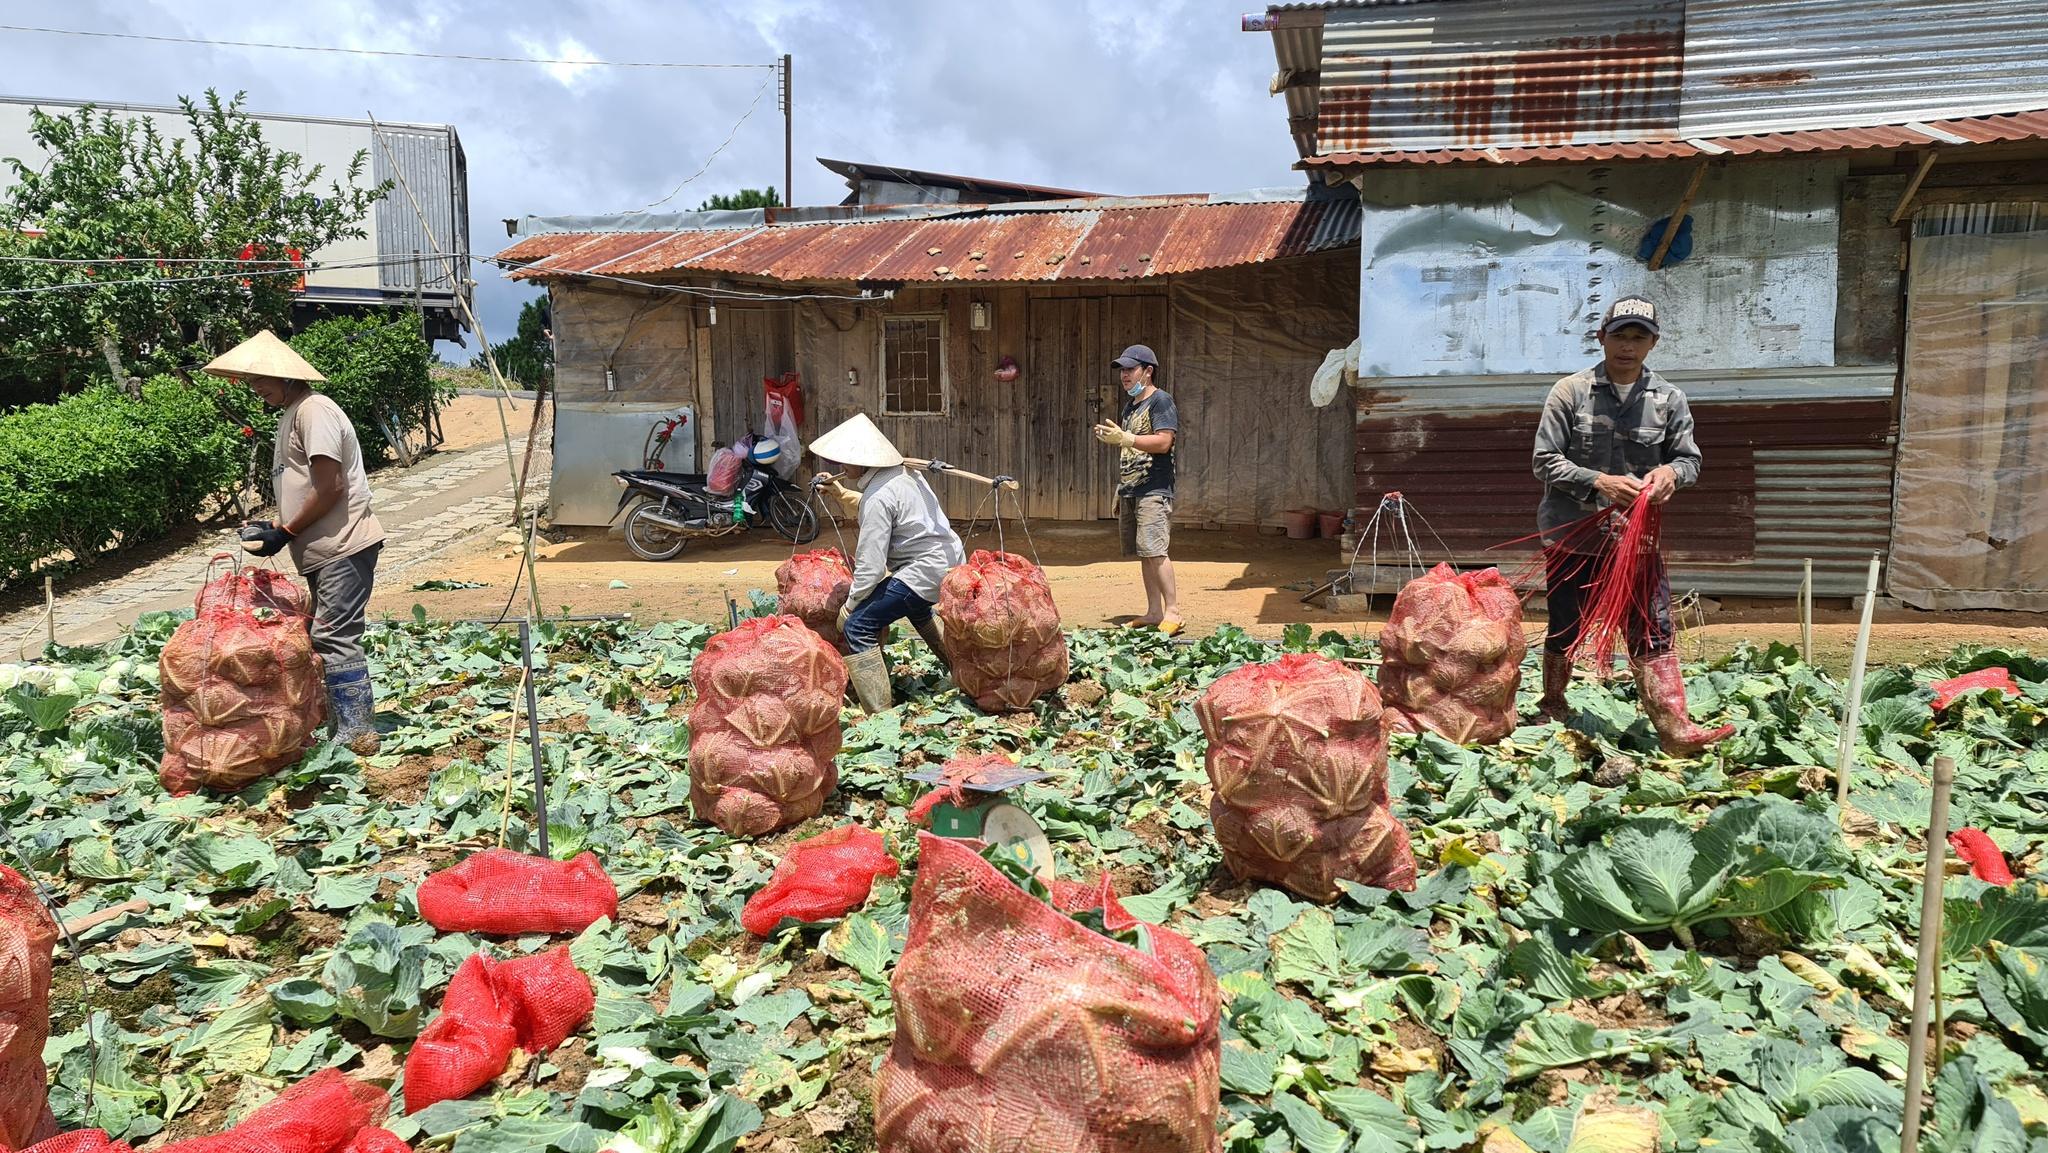 Nhiều nông hộ ở Đà Lạt mong bán được hàng theo chương trình 5000 tấn nông sản hỗ trợ TP.HCM với giá cả hợp lý. Ảnh: Lâm Viên